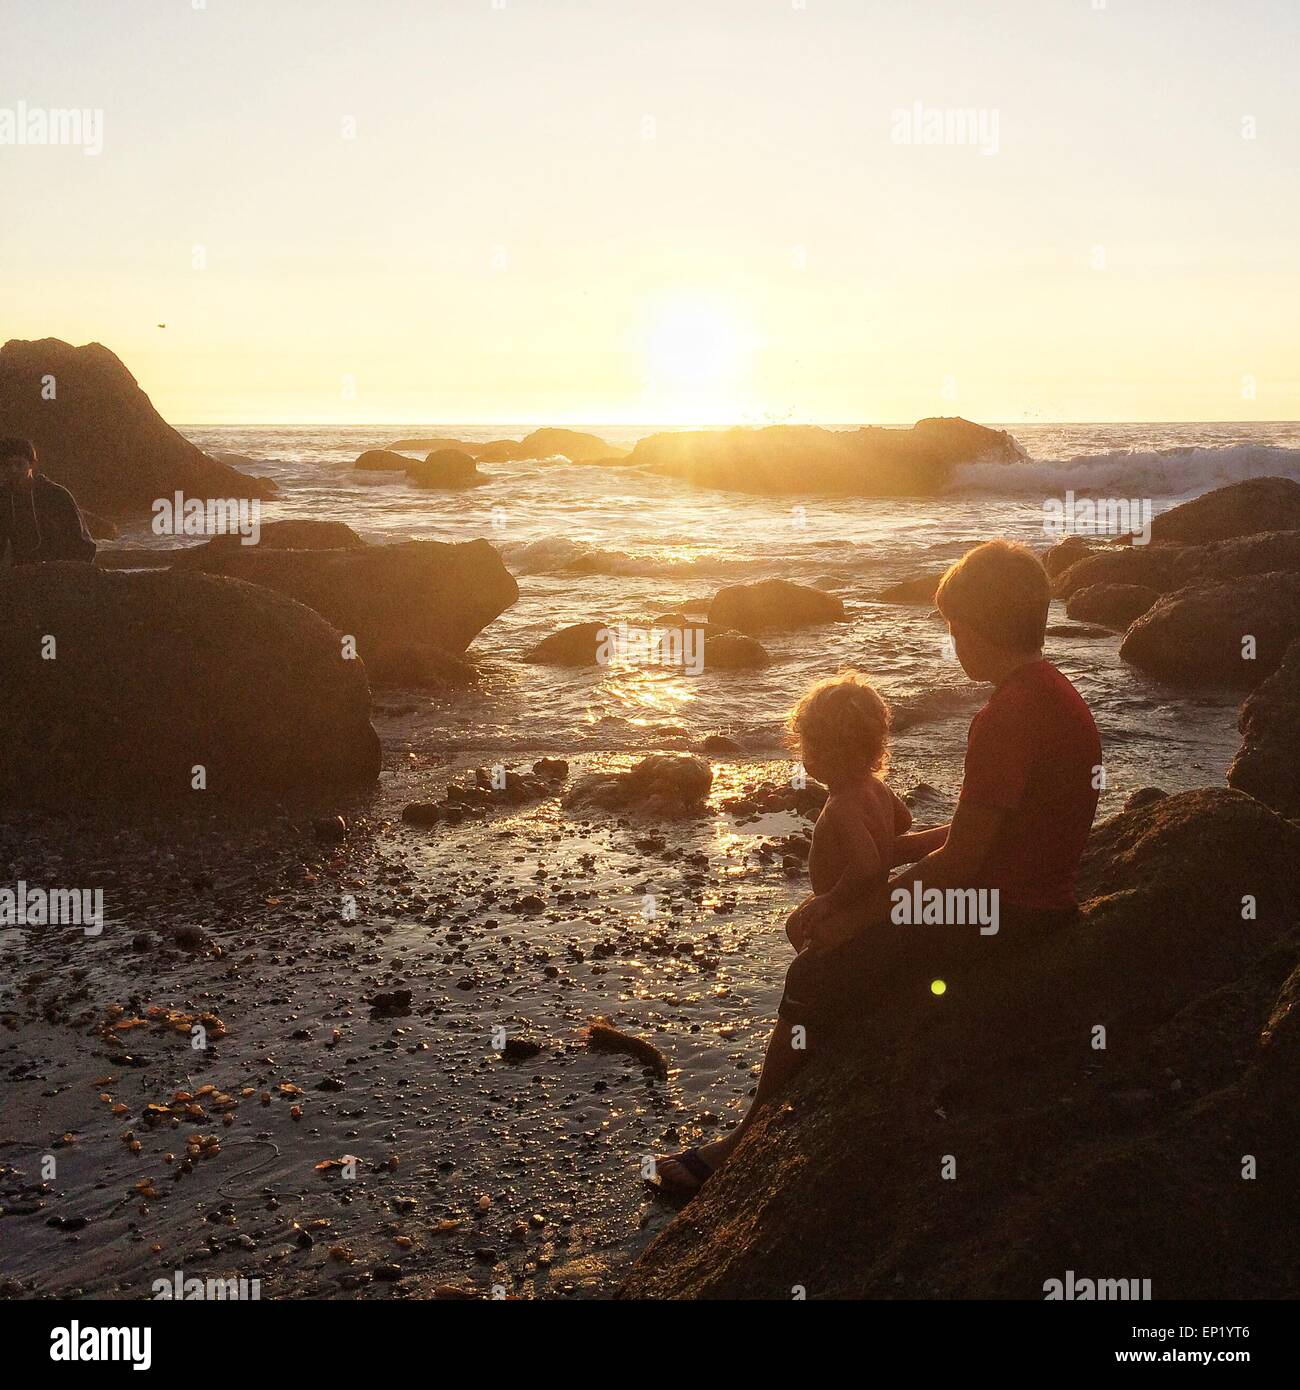 Dos muchachos sentados en las rocas en la playa al atardecer, Dana Point, California, EE.UU. Imagen De Stock